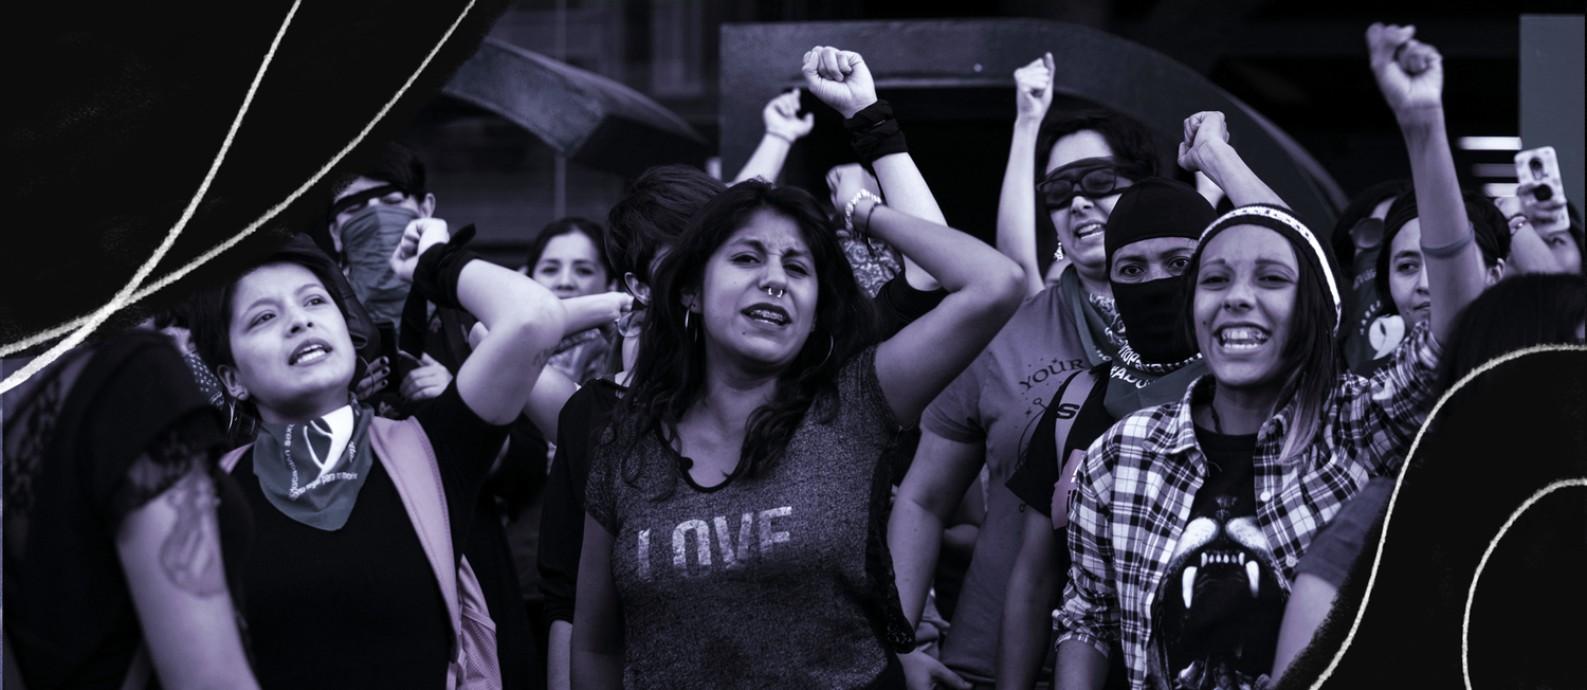 """Manifestantes no bairro de Roma, na Cidade do México, reproduzem a performance """"Um violador no seu caminho"""", que se tornou um hino internacional da nova onda de ativismo feminista Foto: Toya Sarno Jordan / The New York Times"""